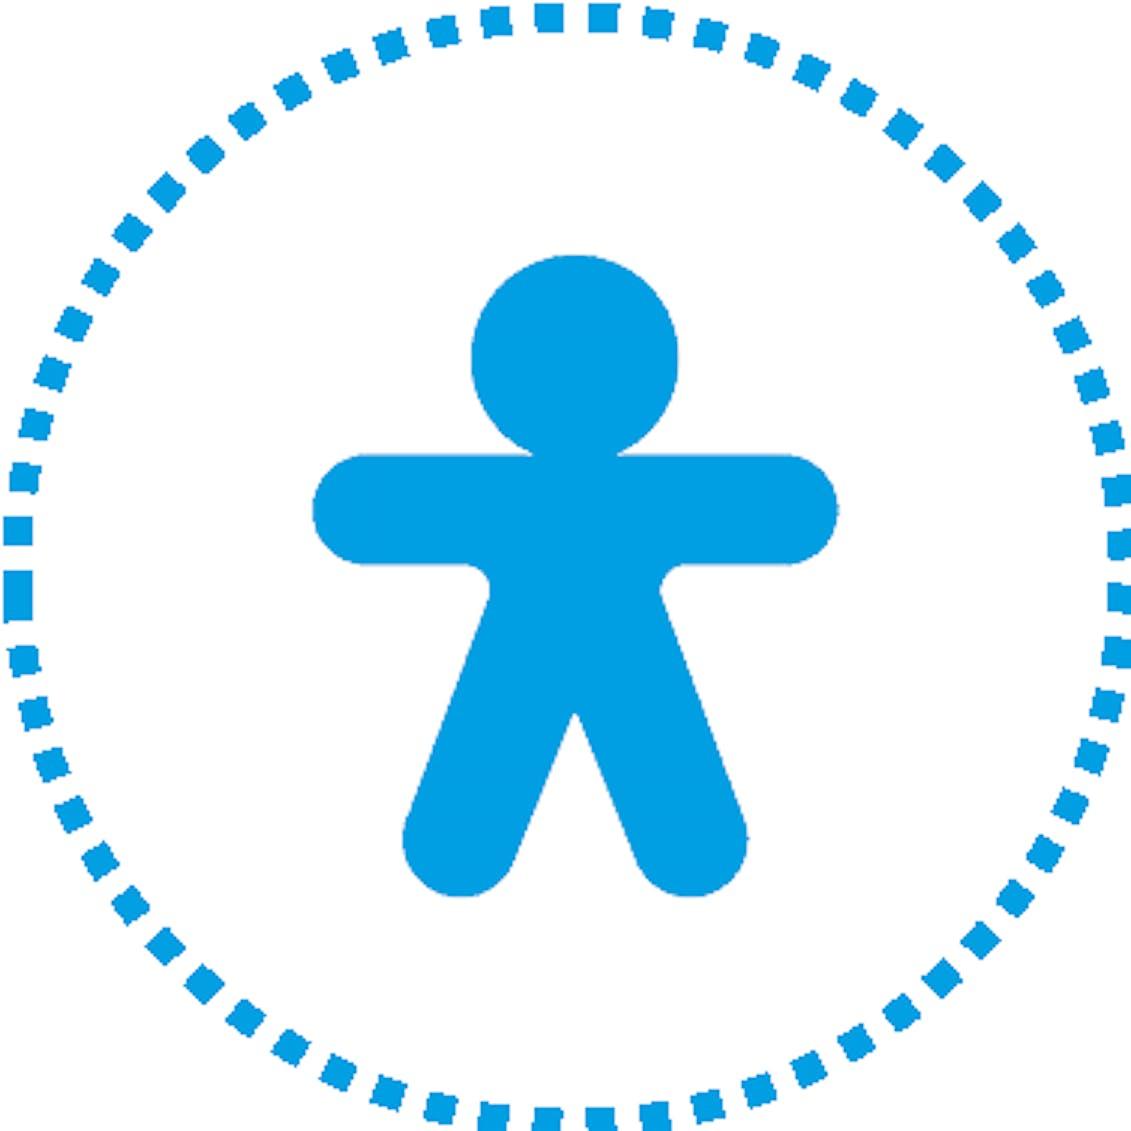 Icona 3 Impresa Amica - entra nella rete